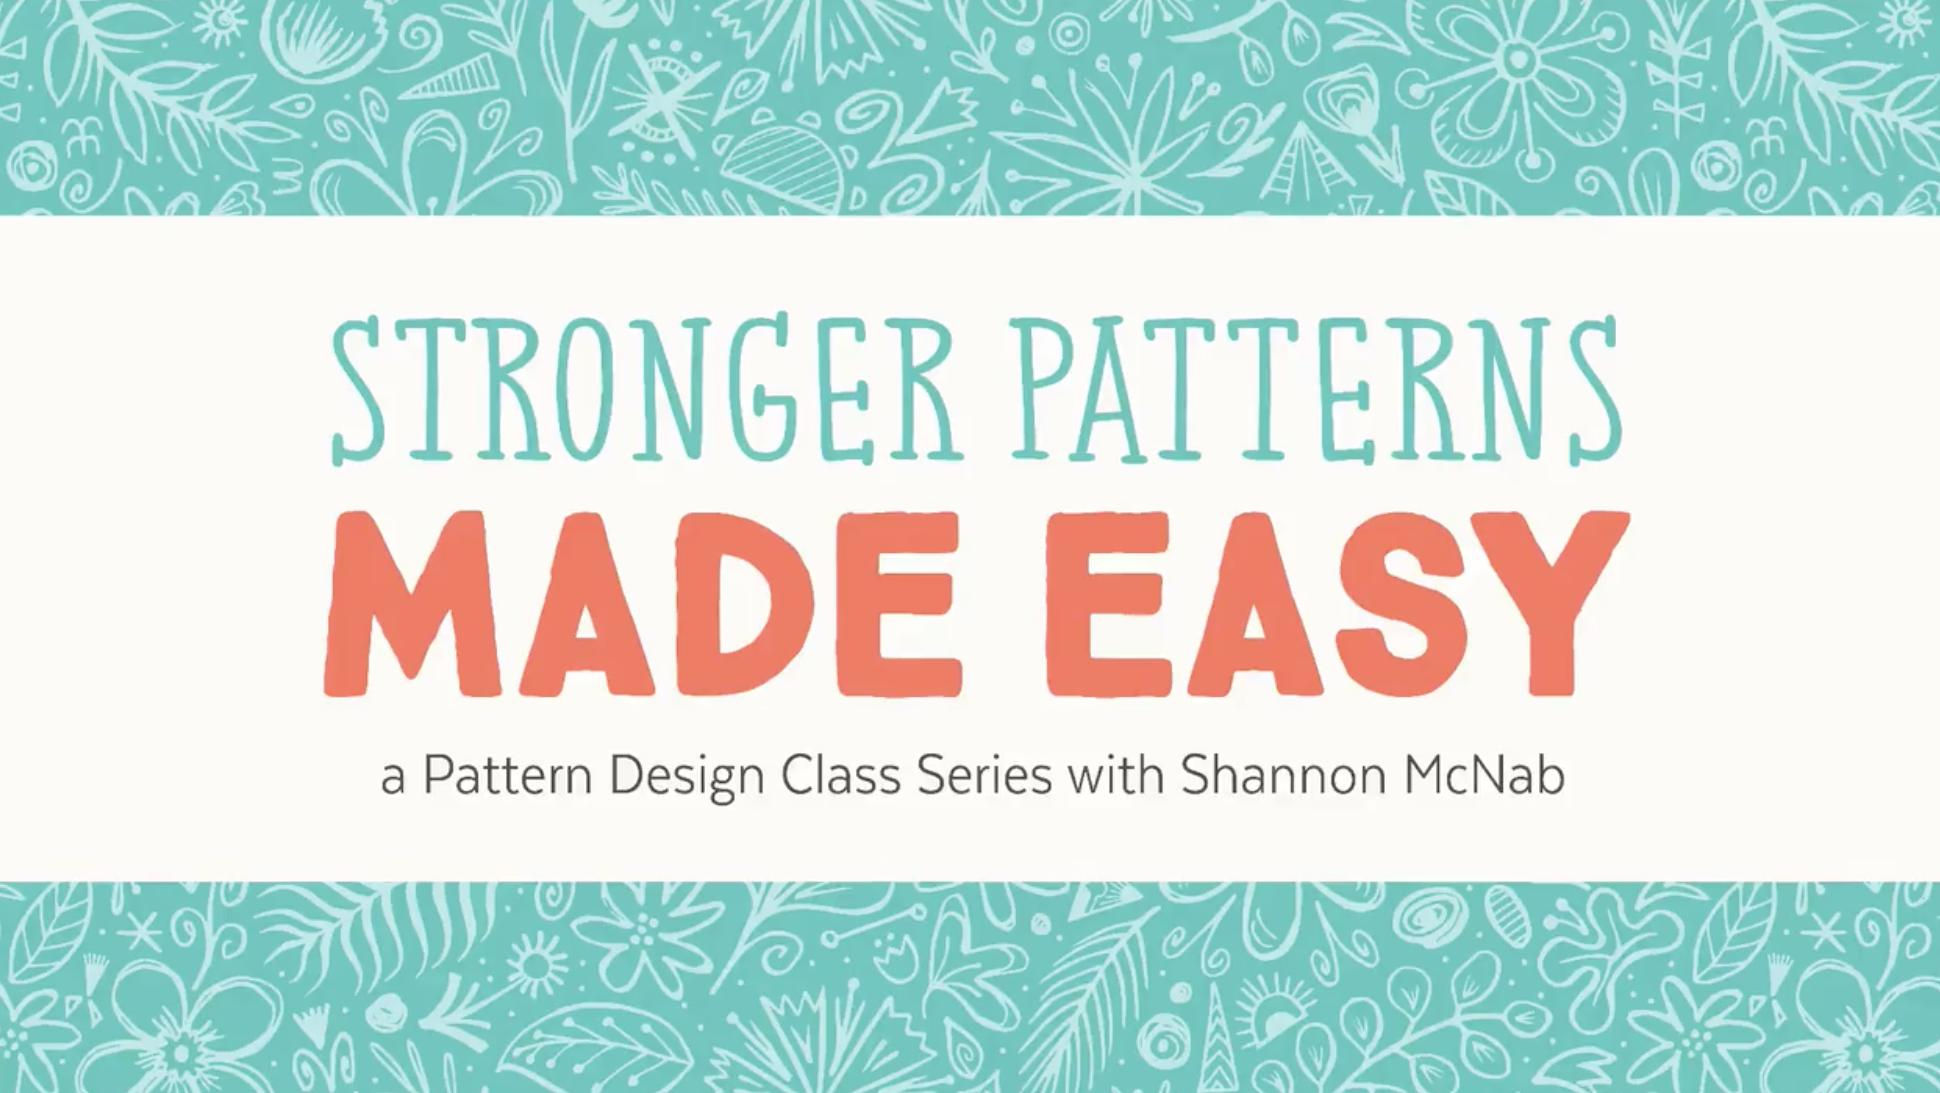 Shannon McNab | Skillshare | Stronger Patterns Made Easy